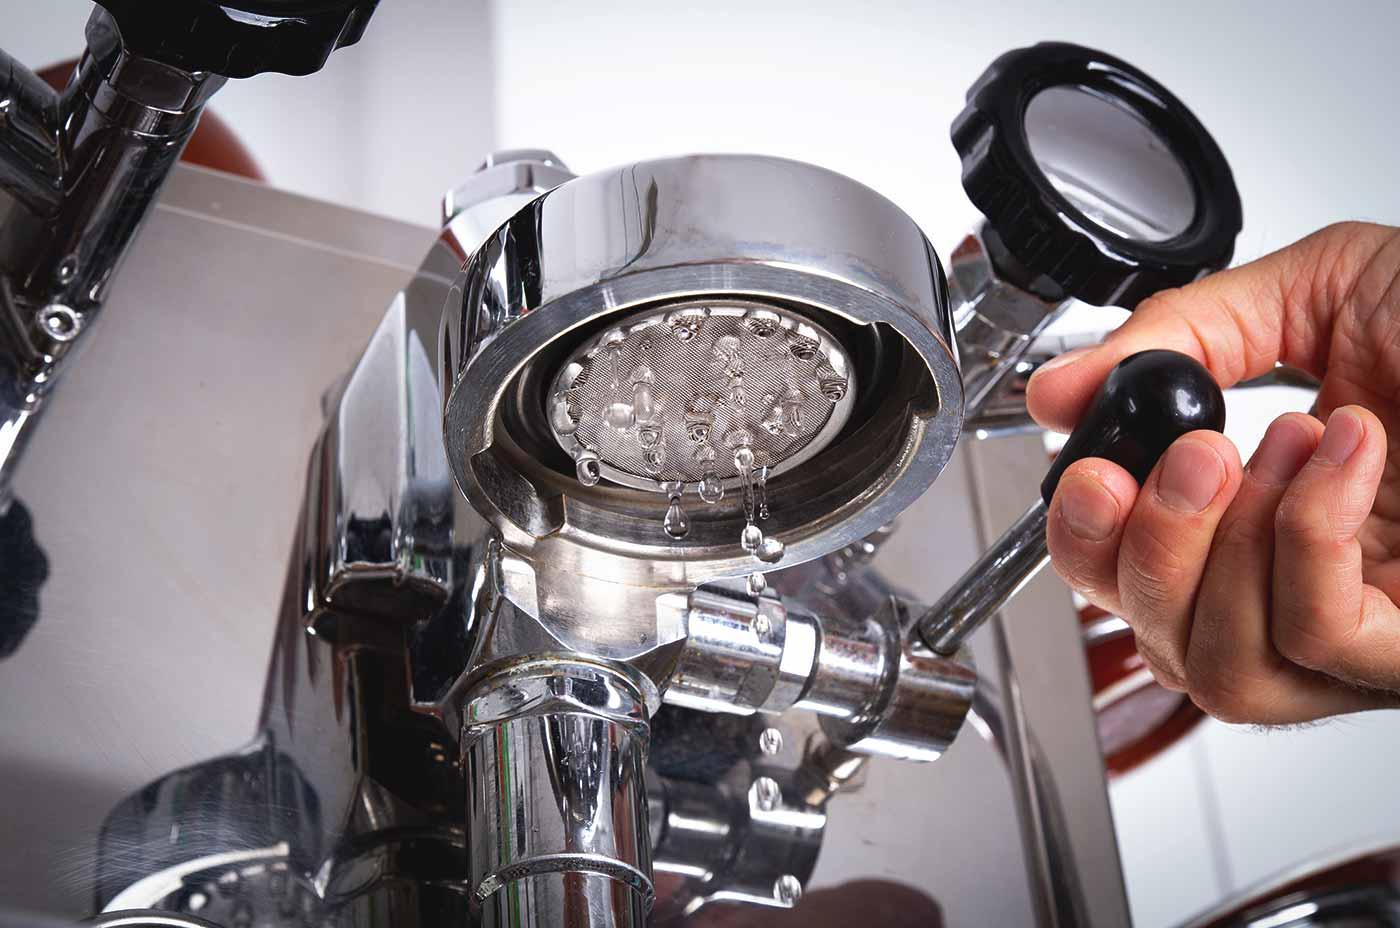 Schritt 4: Flushen – Espressozubereitung in der Siebträgermaschine.